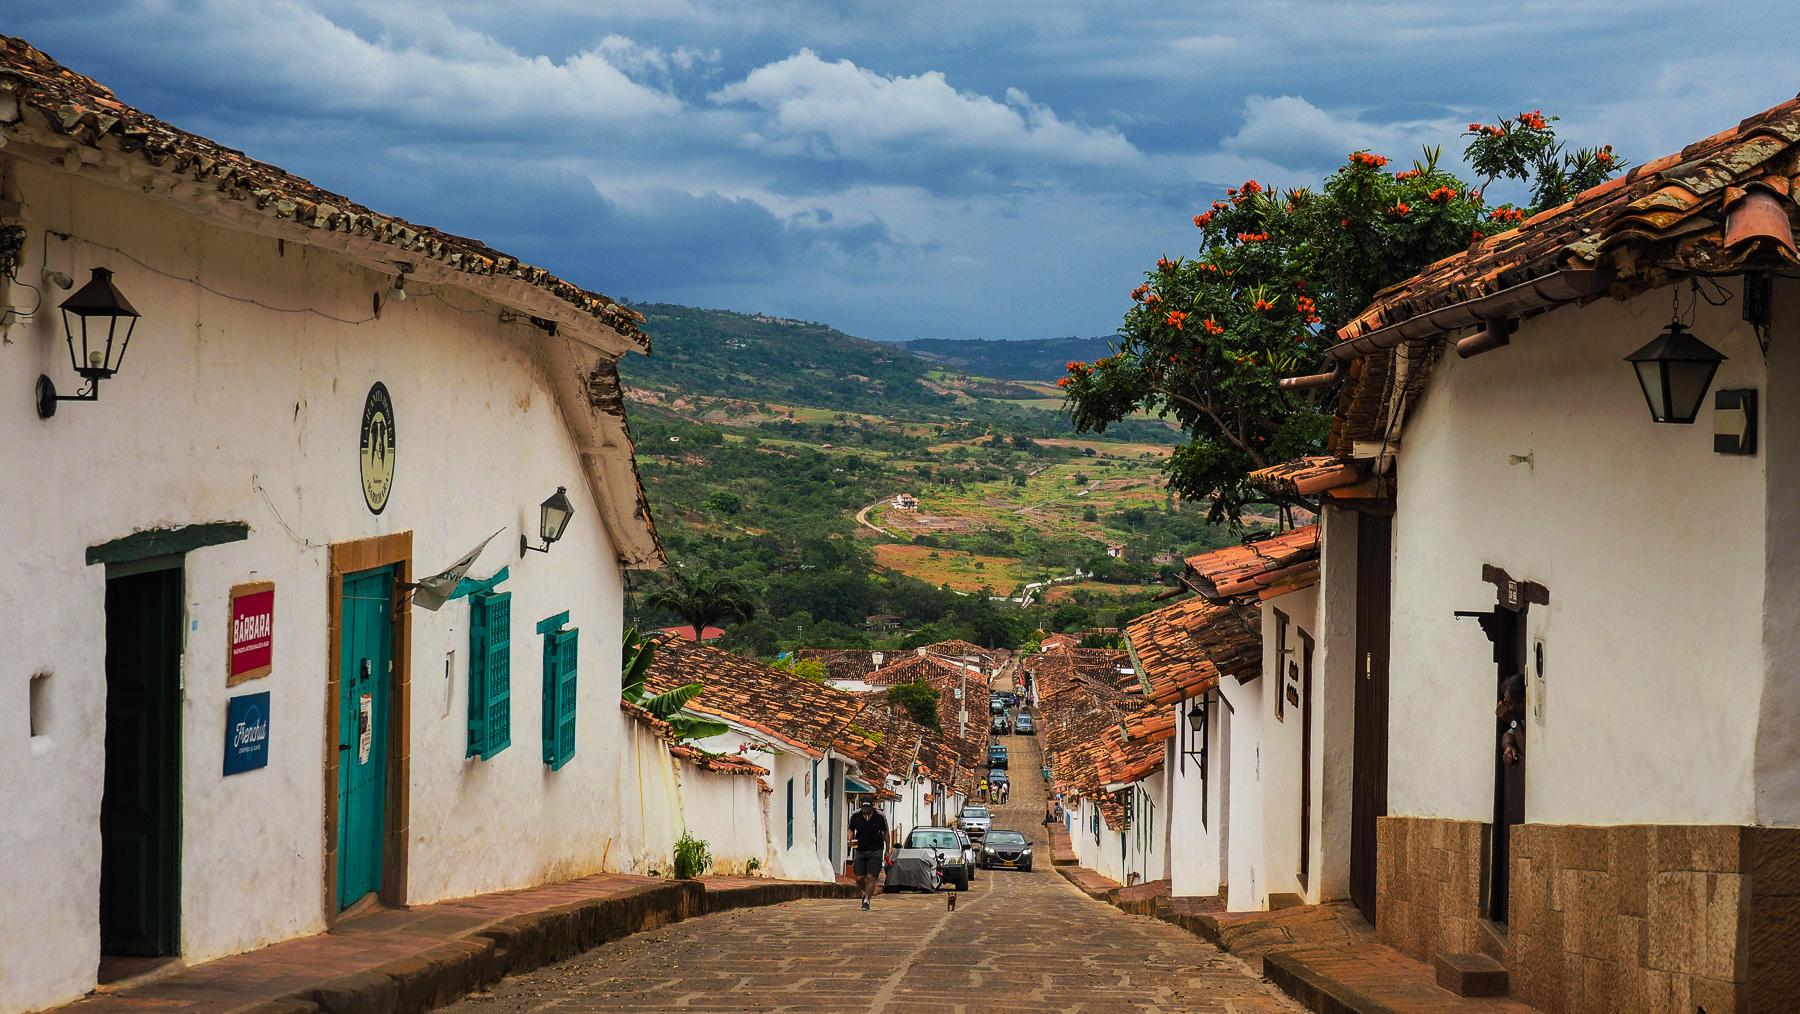 Eines der schönsten kleinen Kolonialstädtchen in Kolumbien